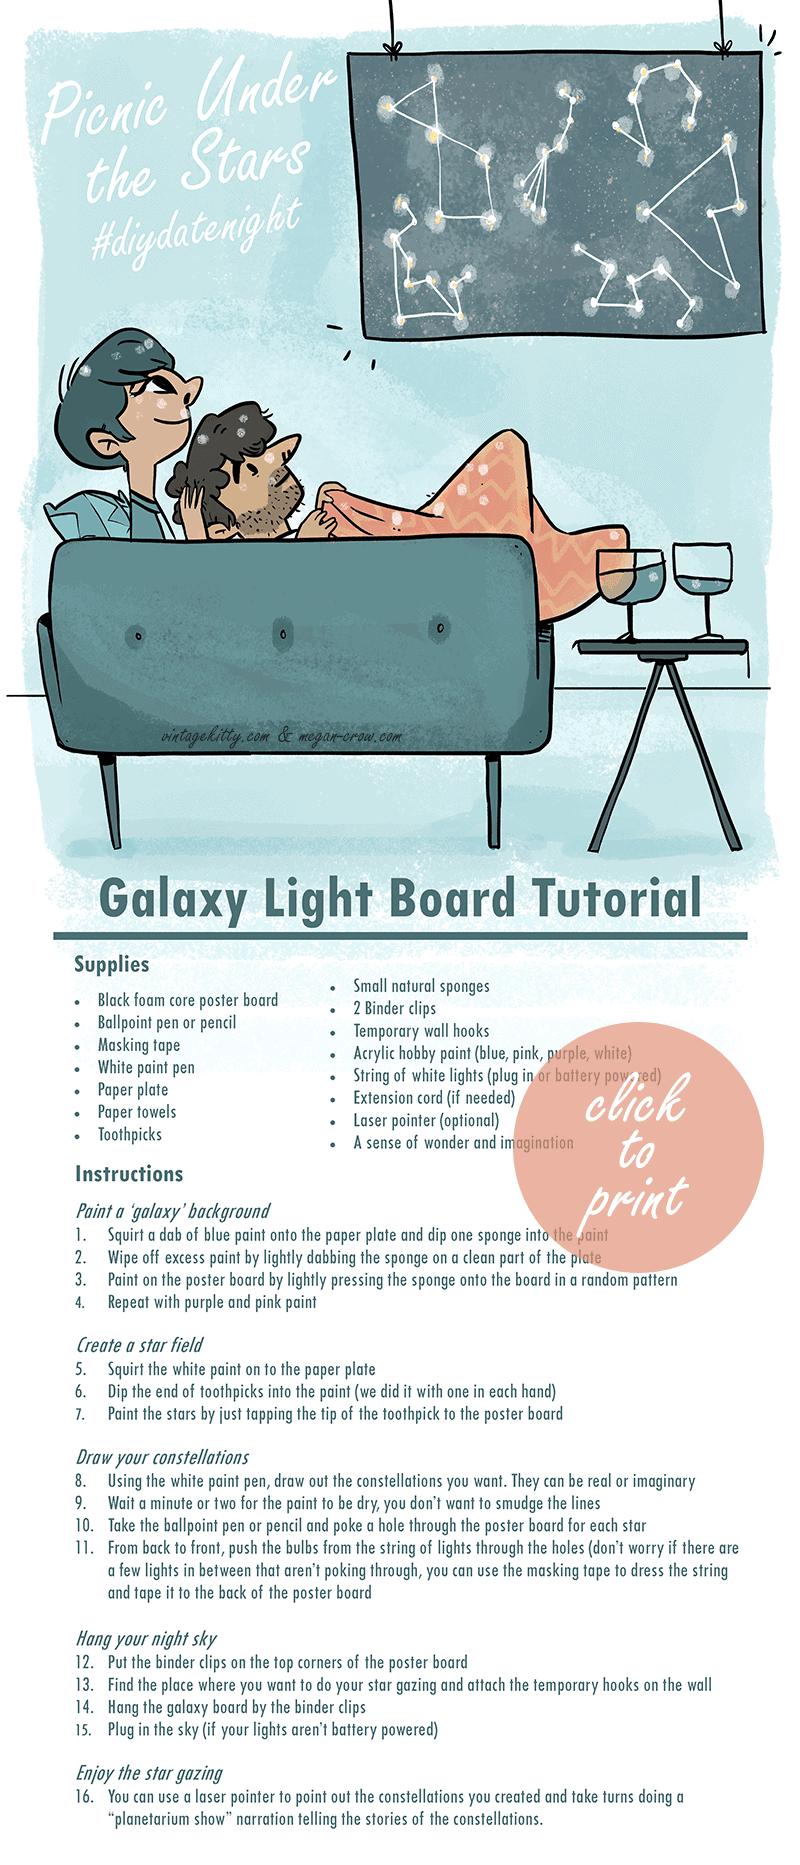 Galaxy Light Board Craft Tutorial - Picnic Under the Stars #diydatenight